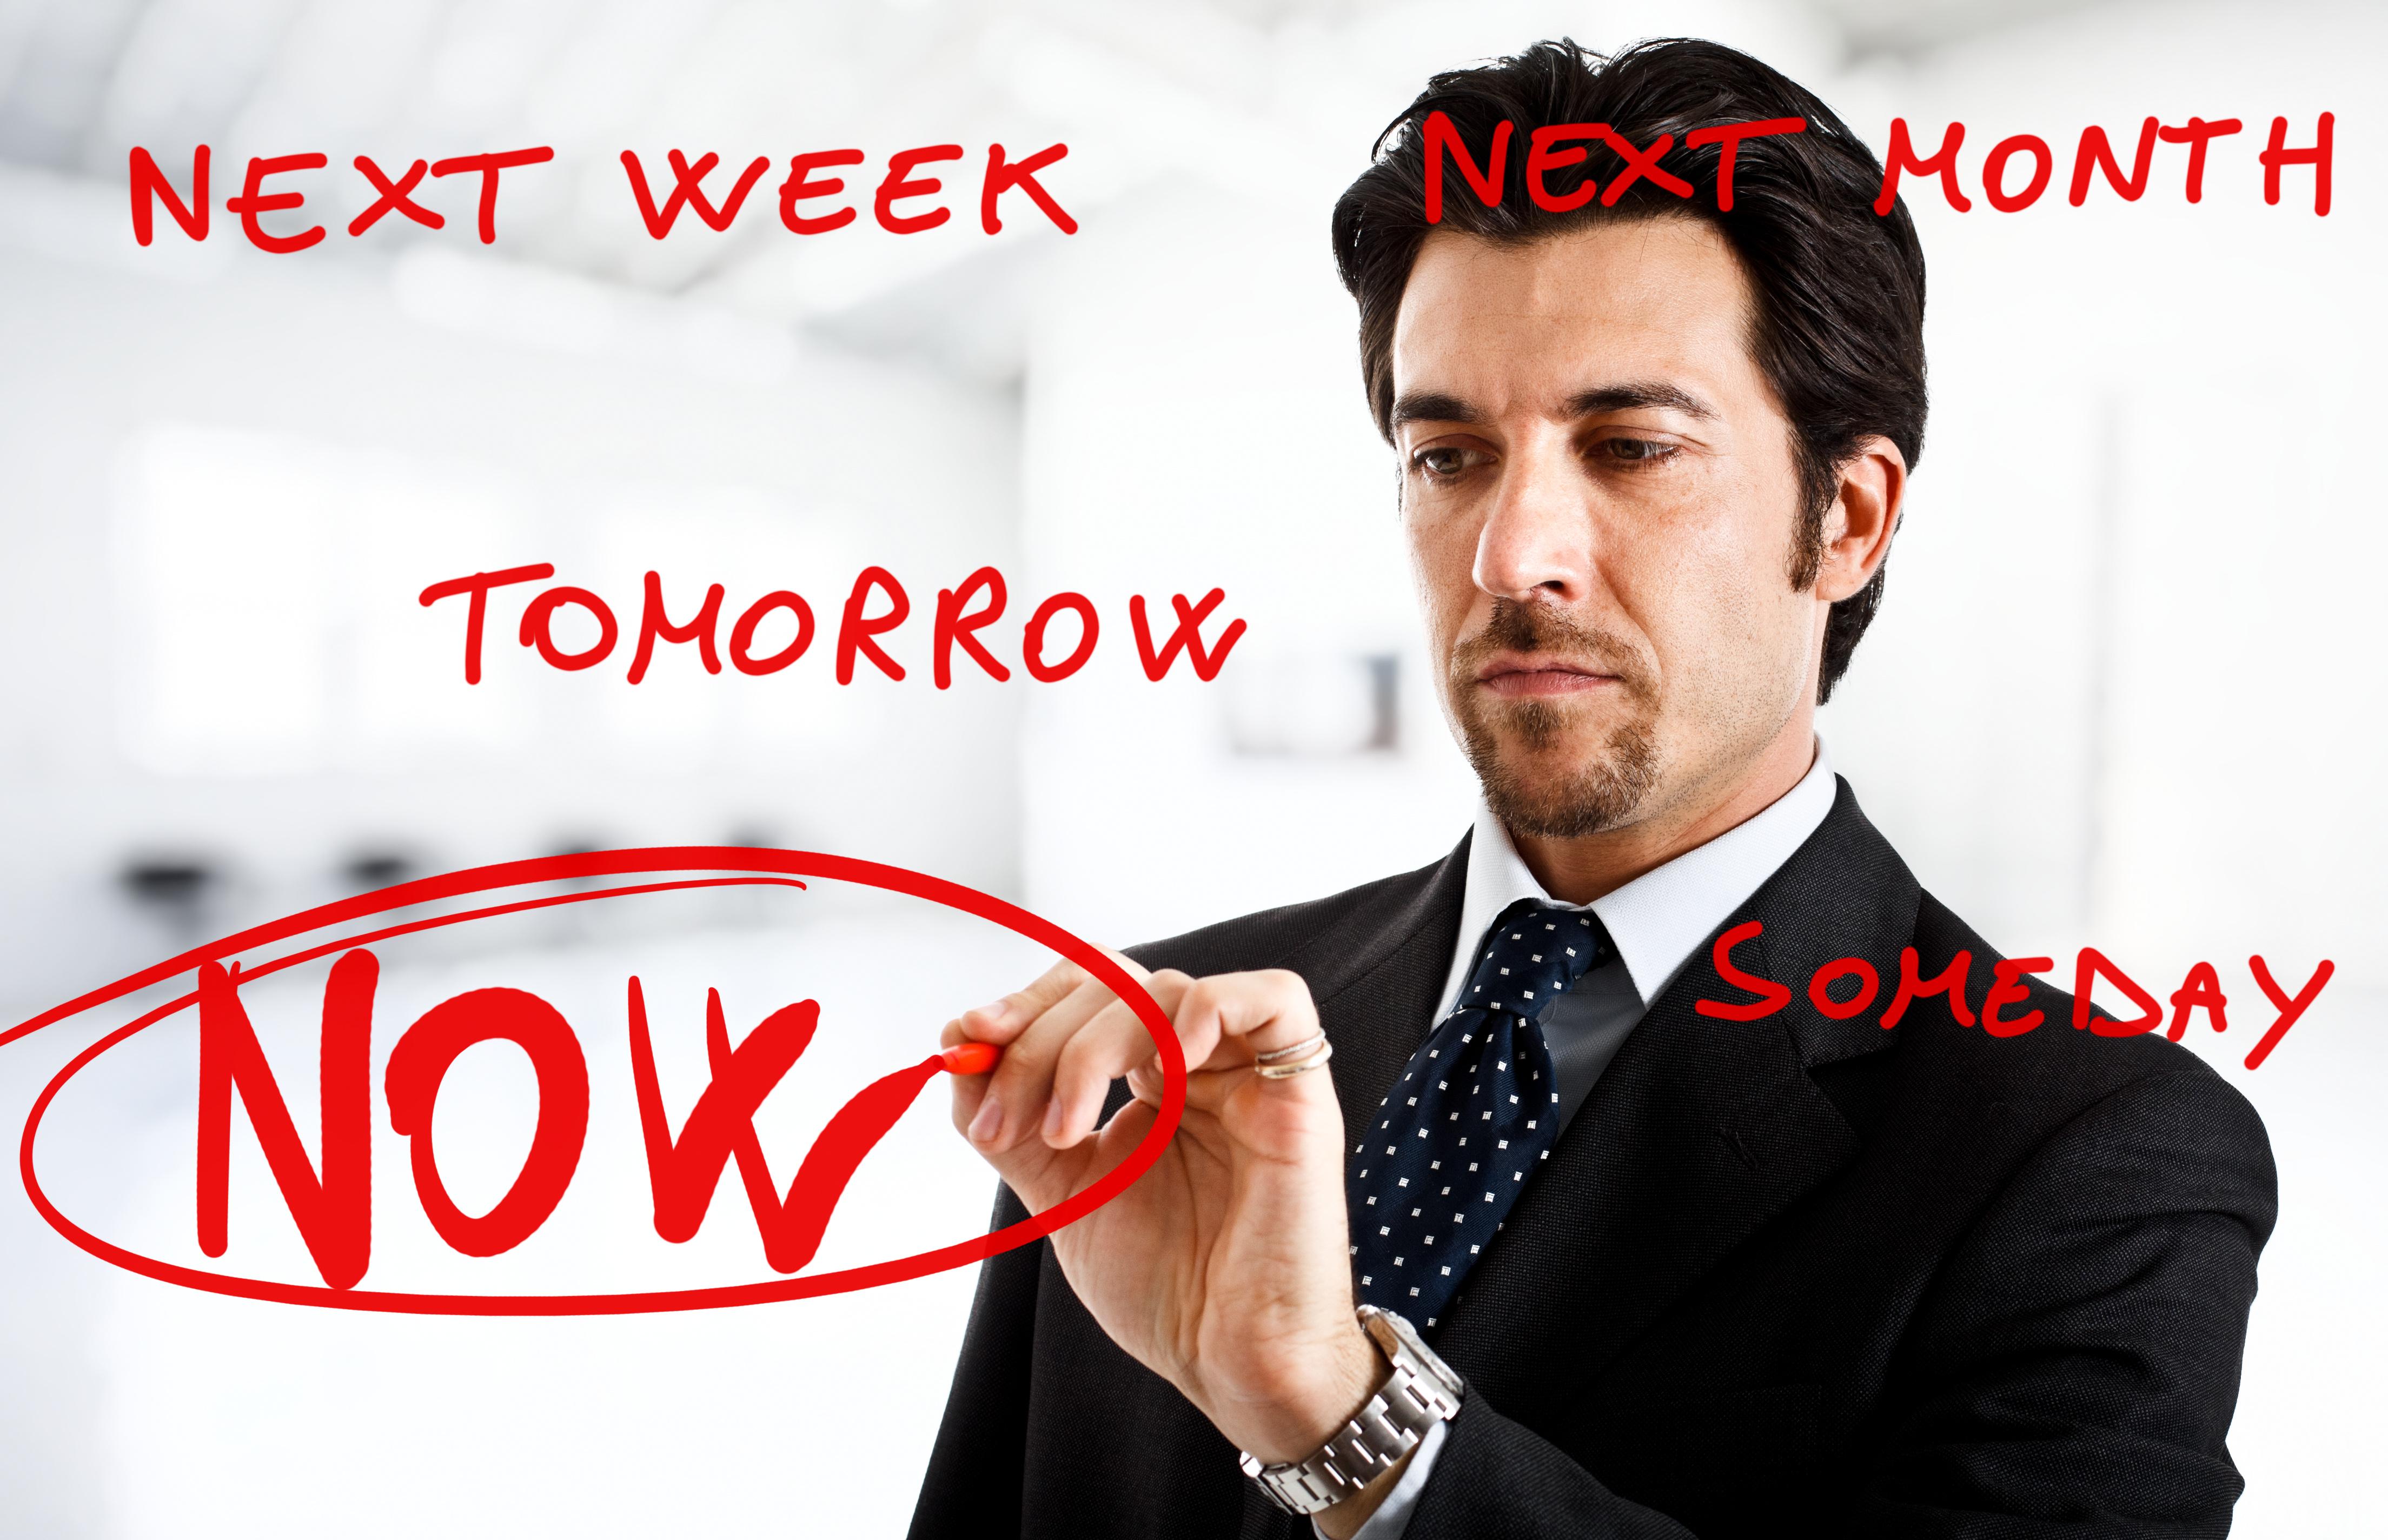 Бизнес мъж, който отбелязва, че трябва да се действа сега, а не да се чака до последния момент